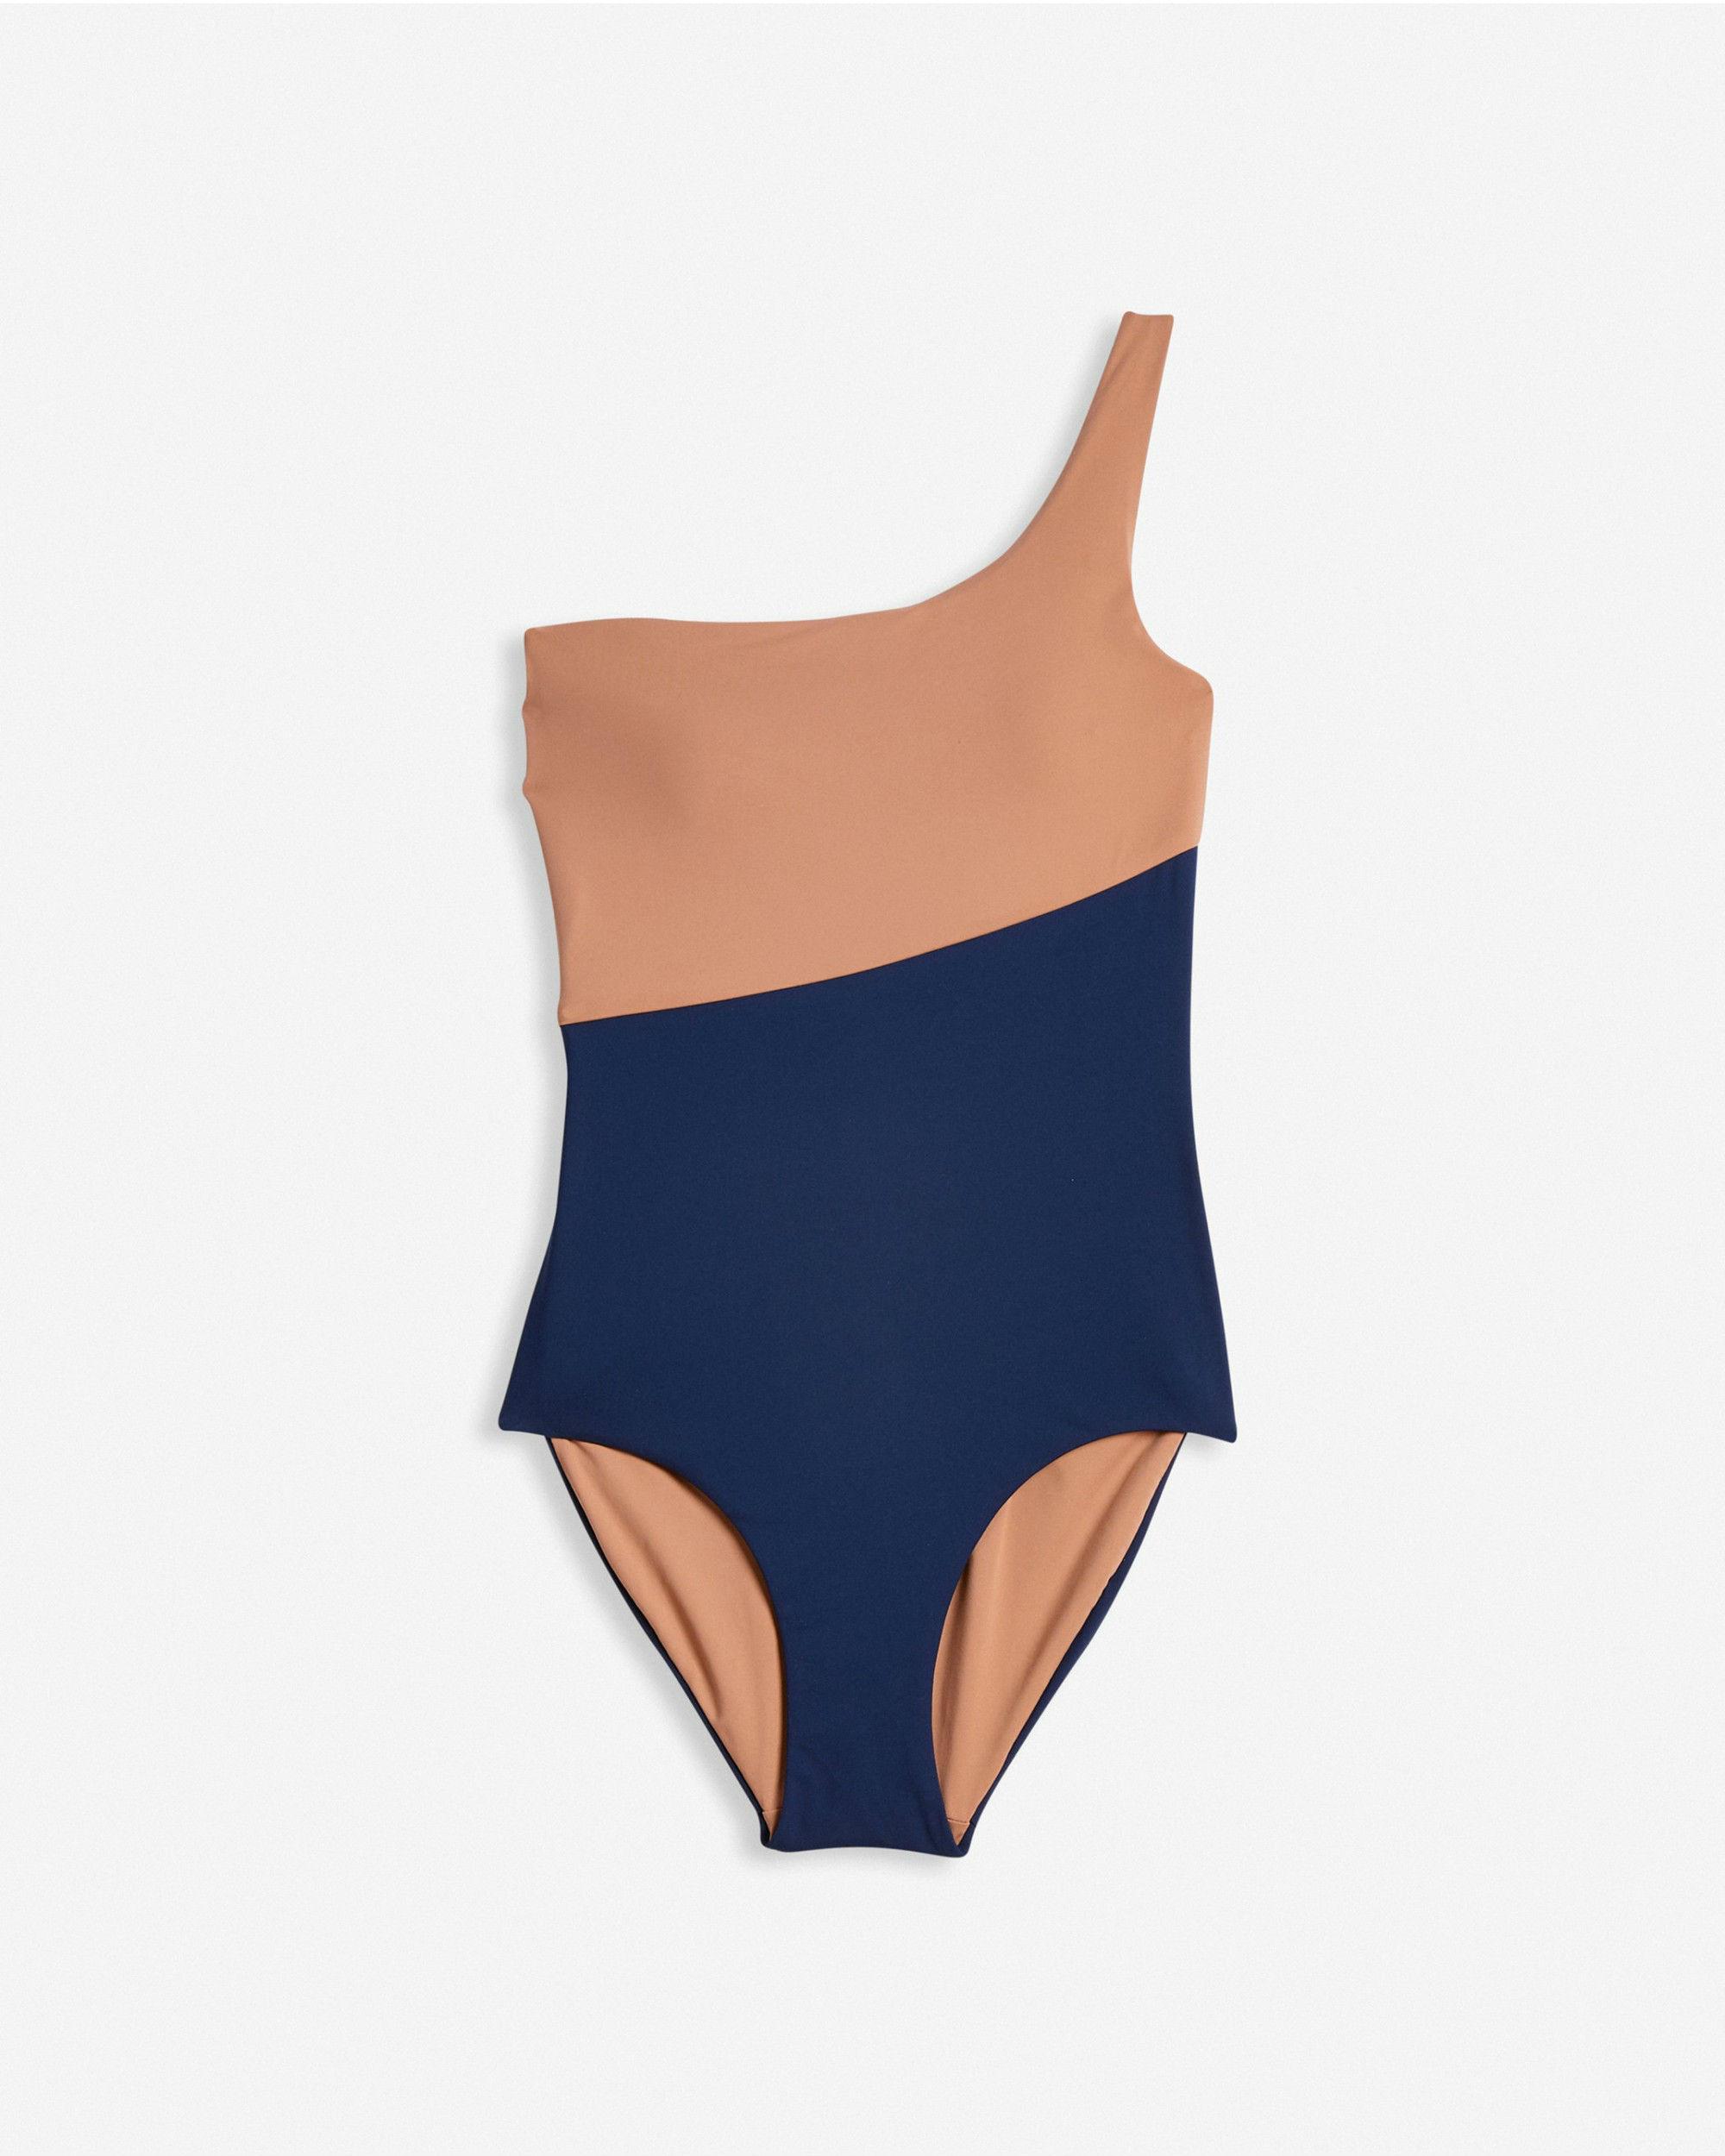 Sienna One Piece Swimsuit